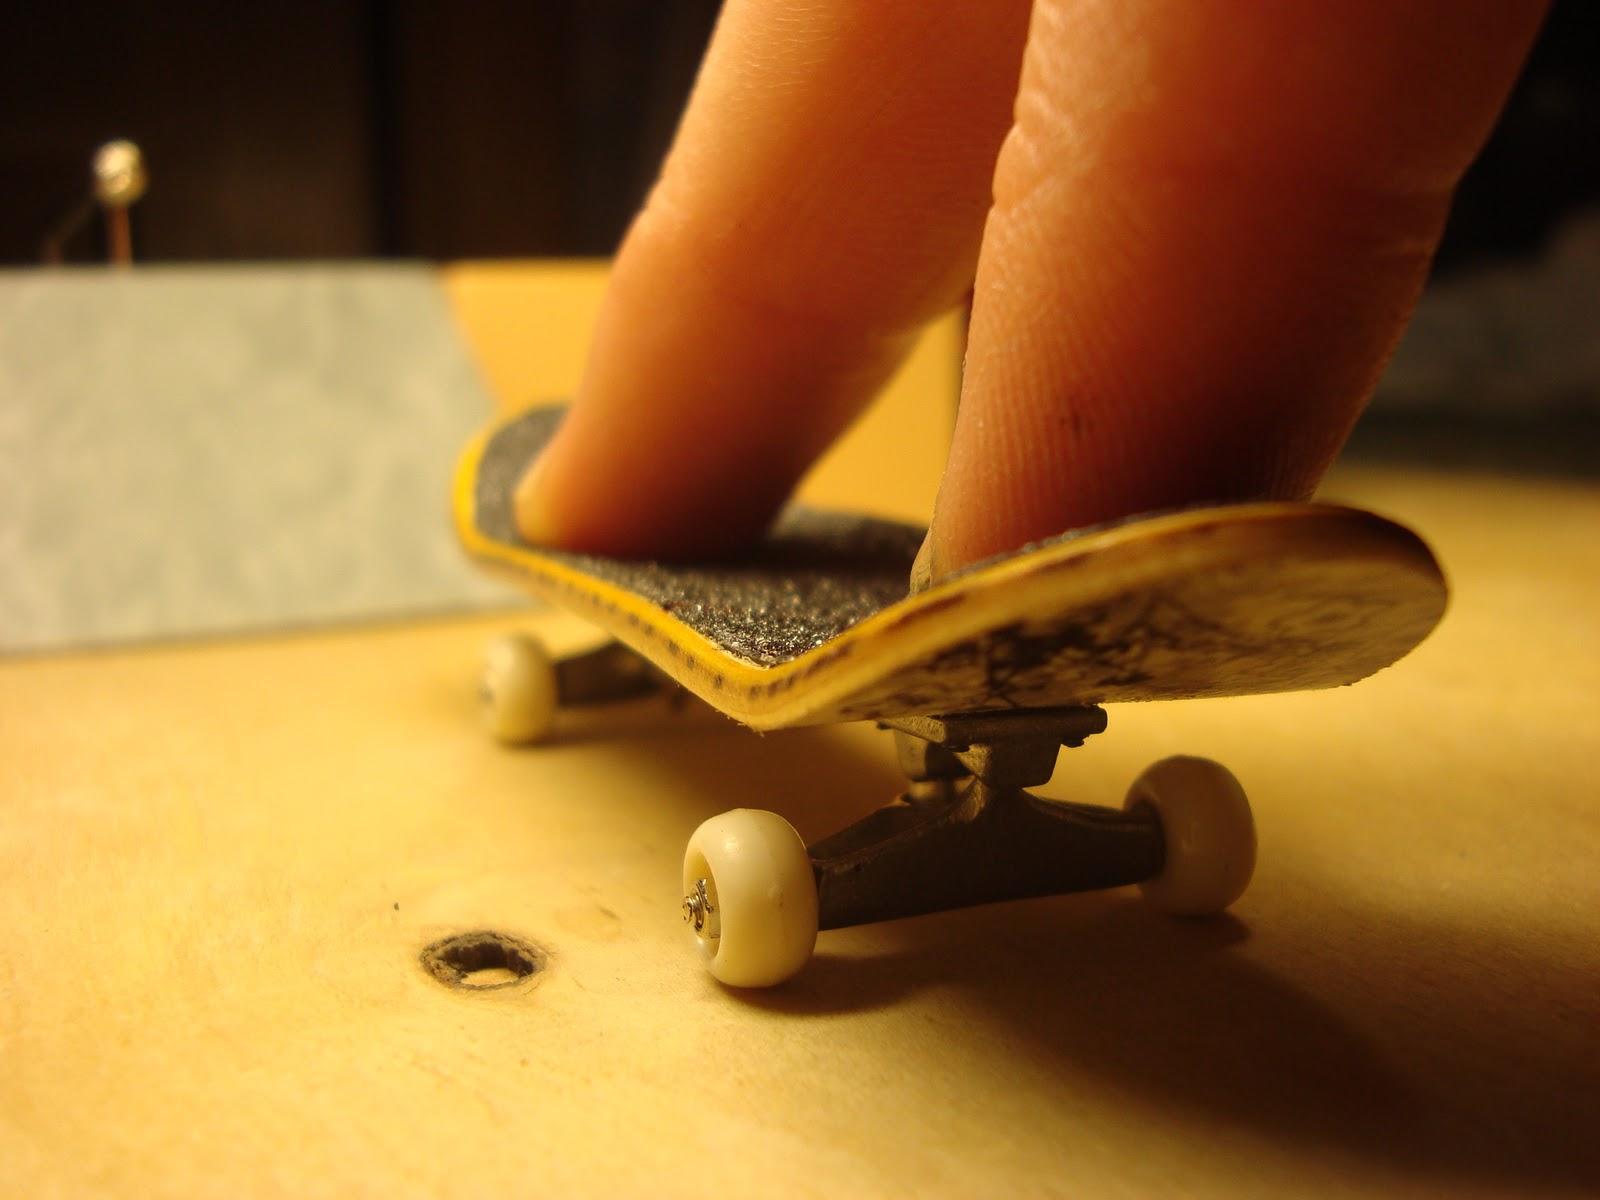 Как сделать пальчиковый скейт своими руками